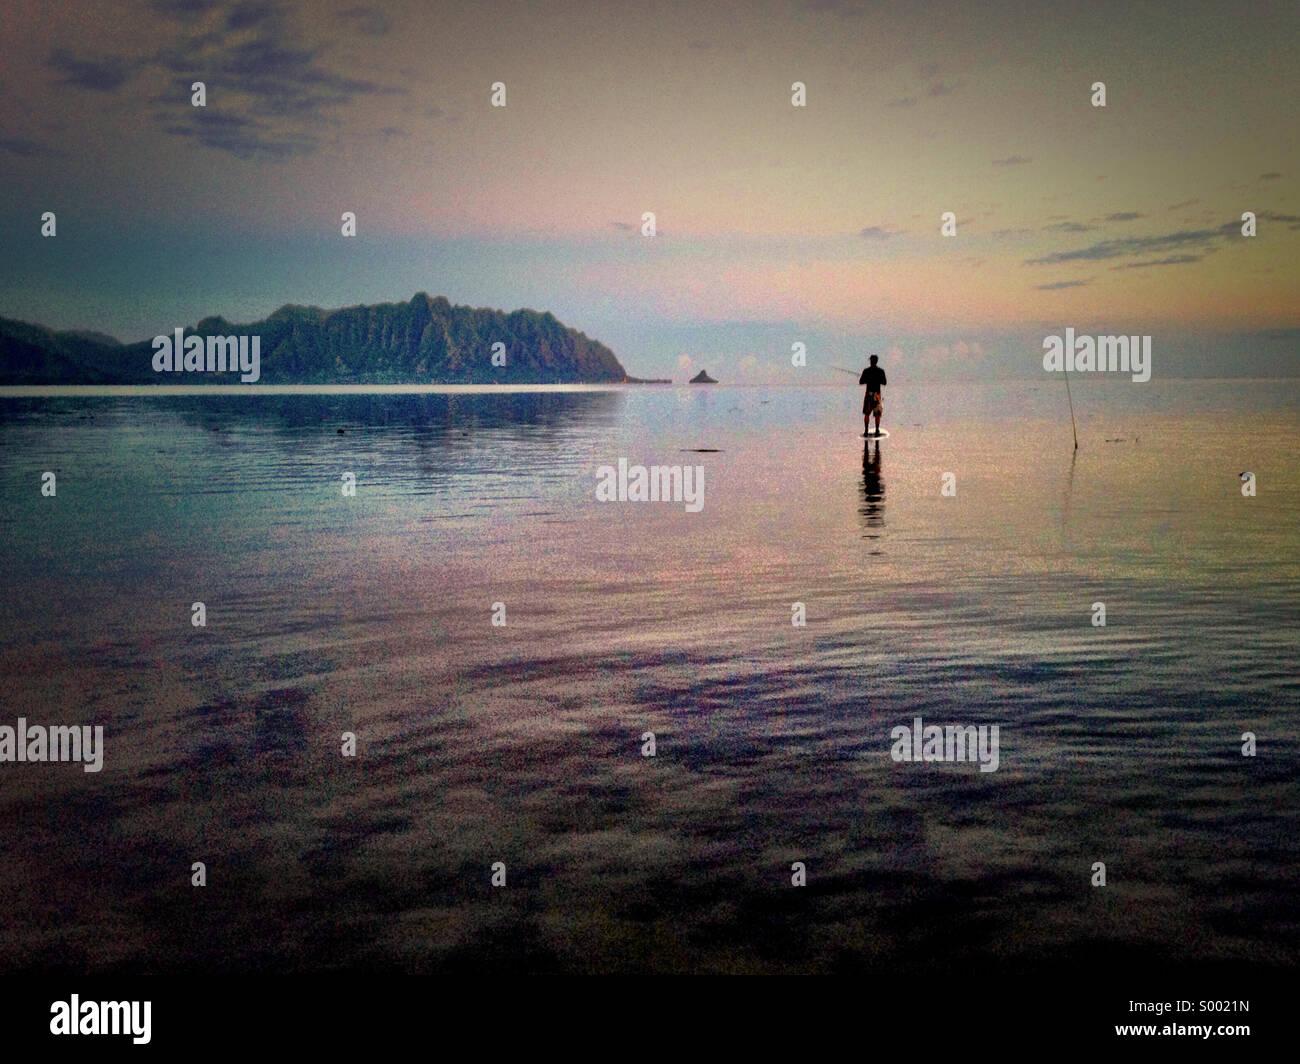 Stand up board fishing at Kaneohe Bay, Oahu, Hawaii. Kualoa Koolau mountains as backdrop. - Stock Image